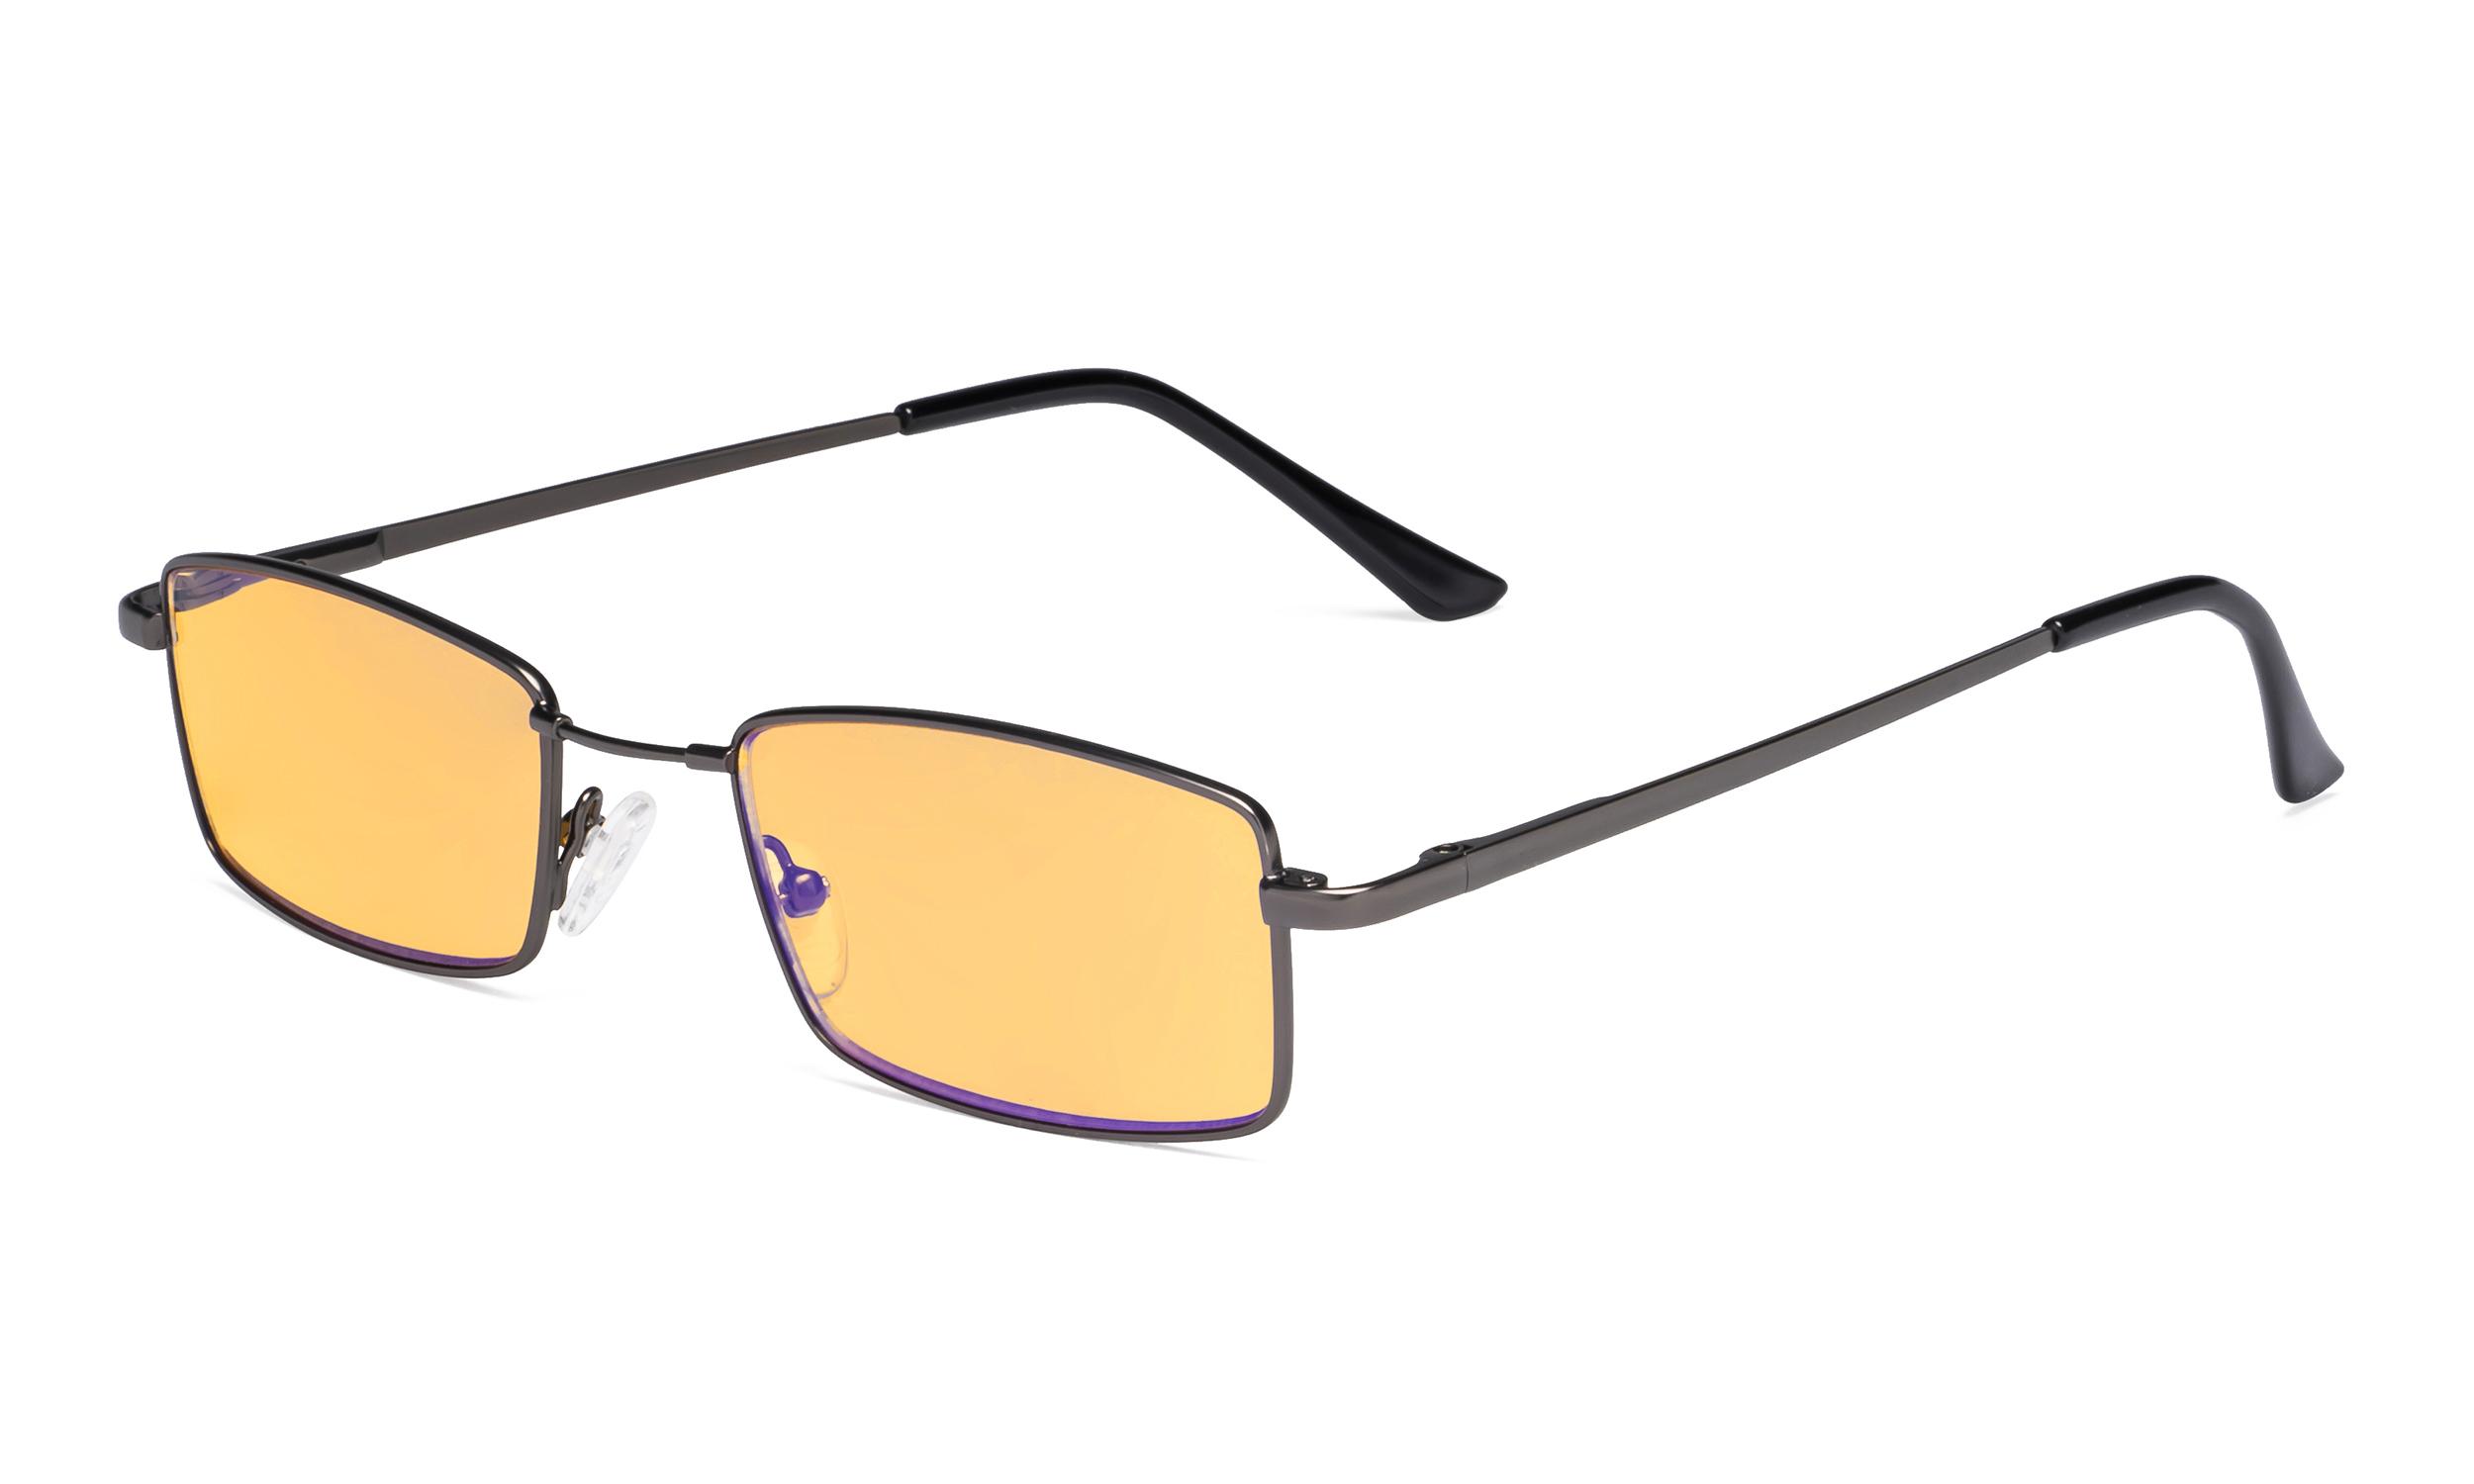 Large Memory Frame Blue Light Blocking Bifocal Reading Glasses for Men